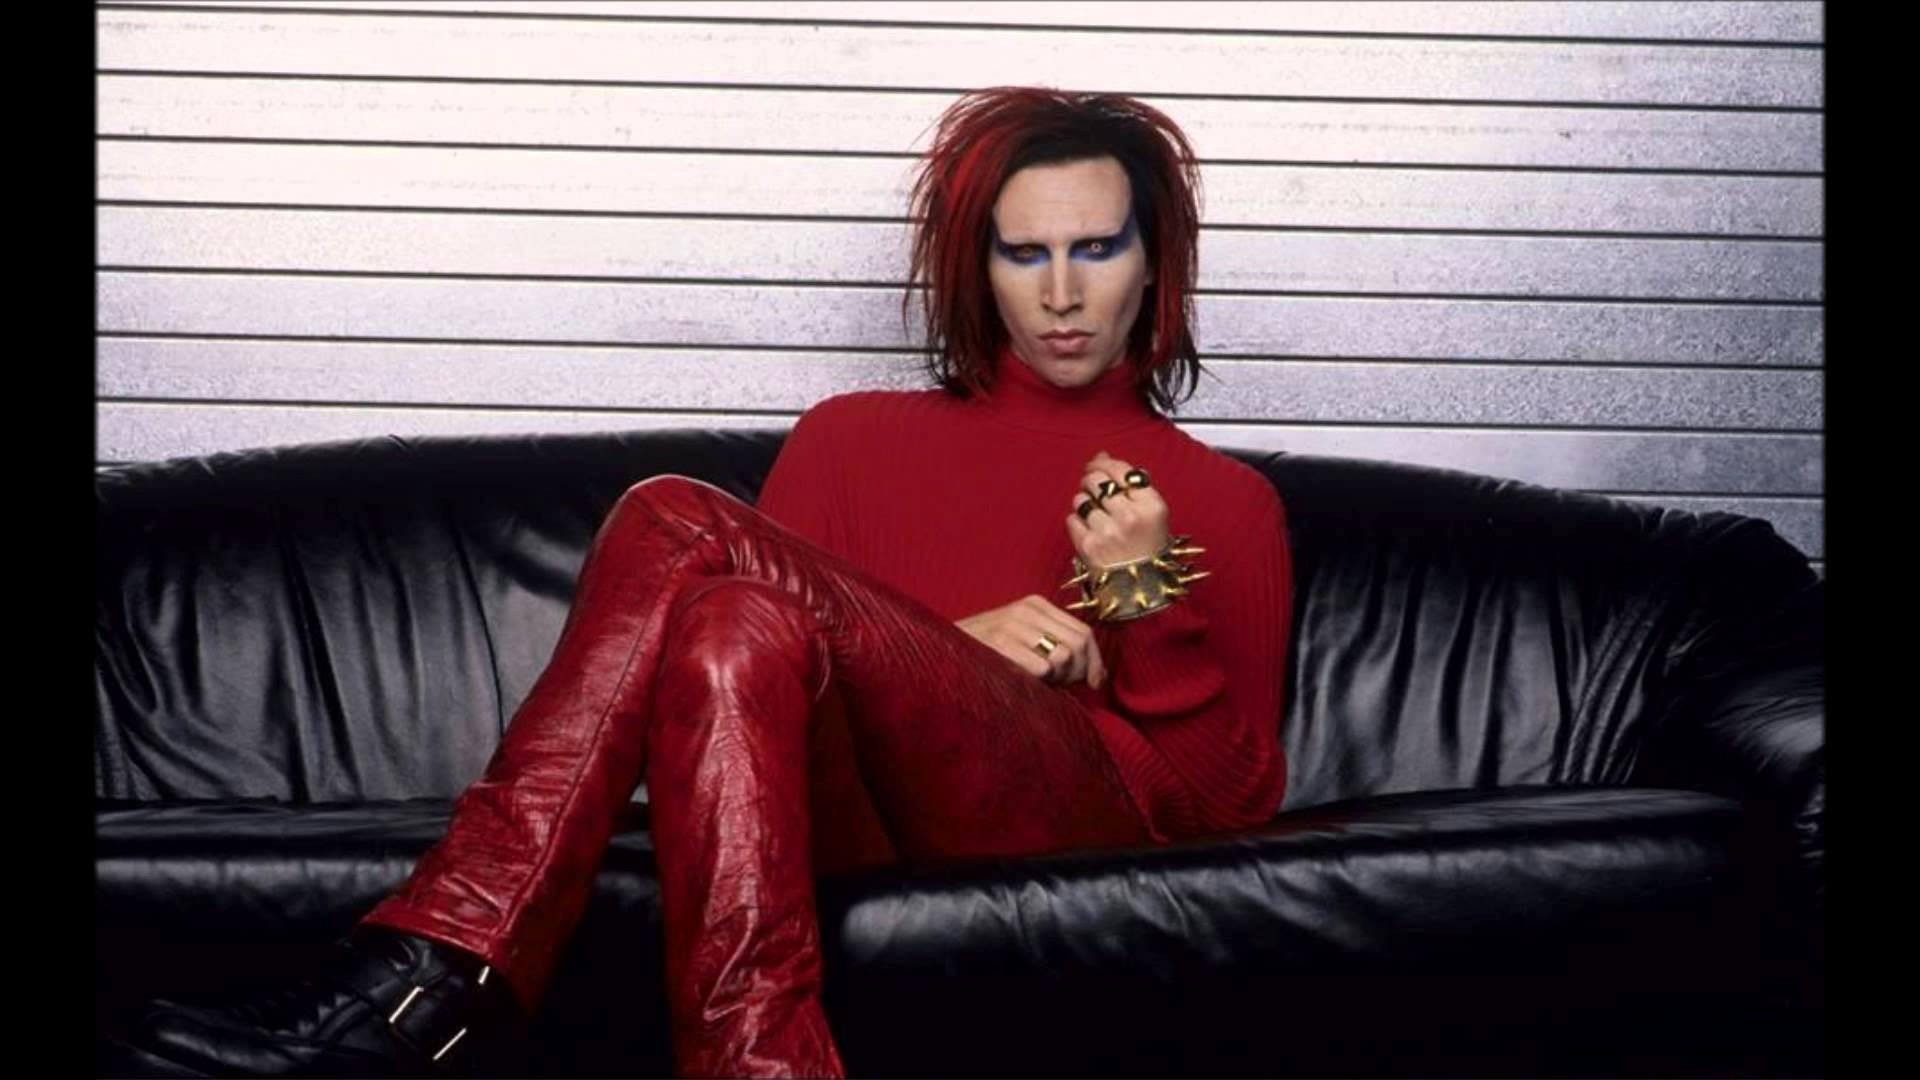 Marilyn Manson – Get My Rocks Off